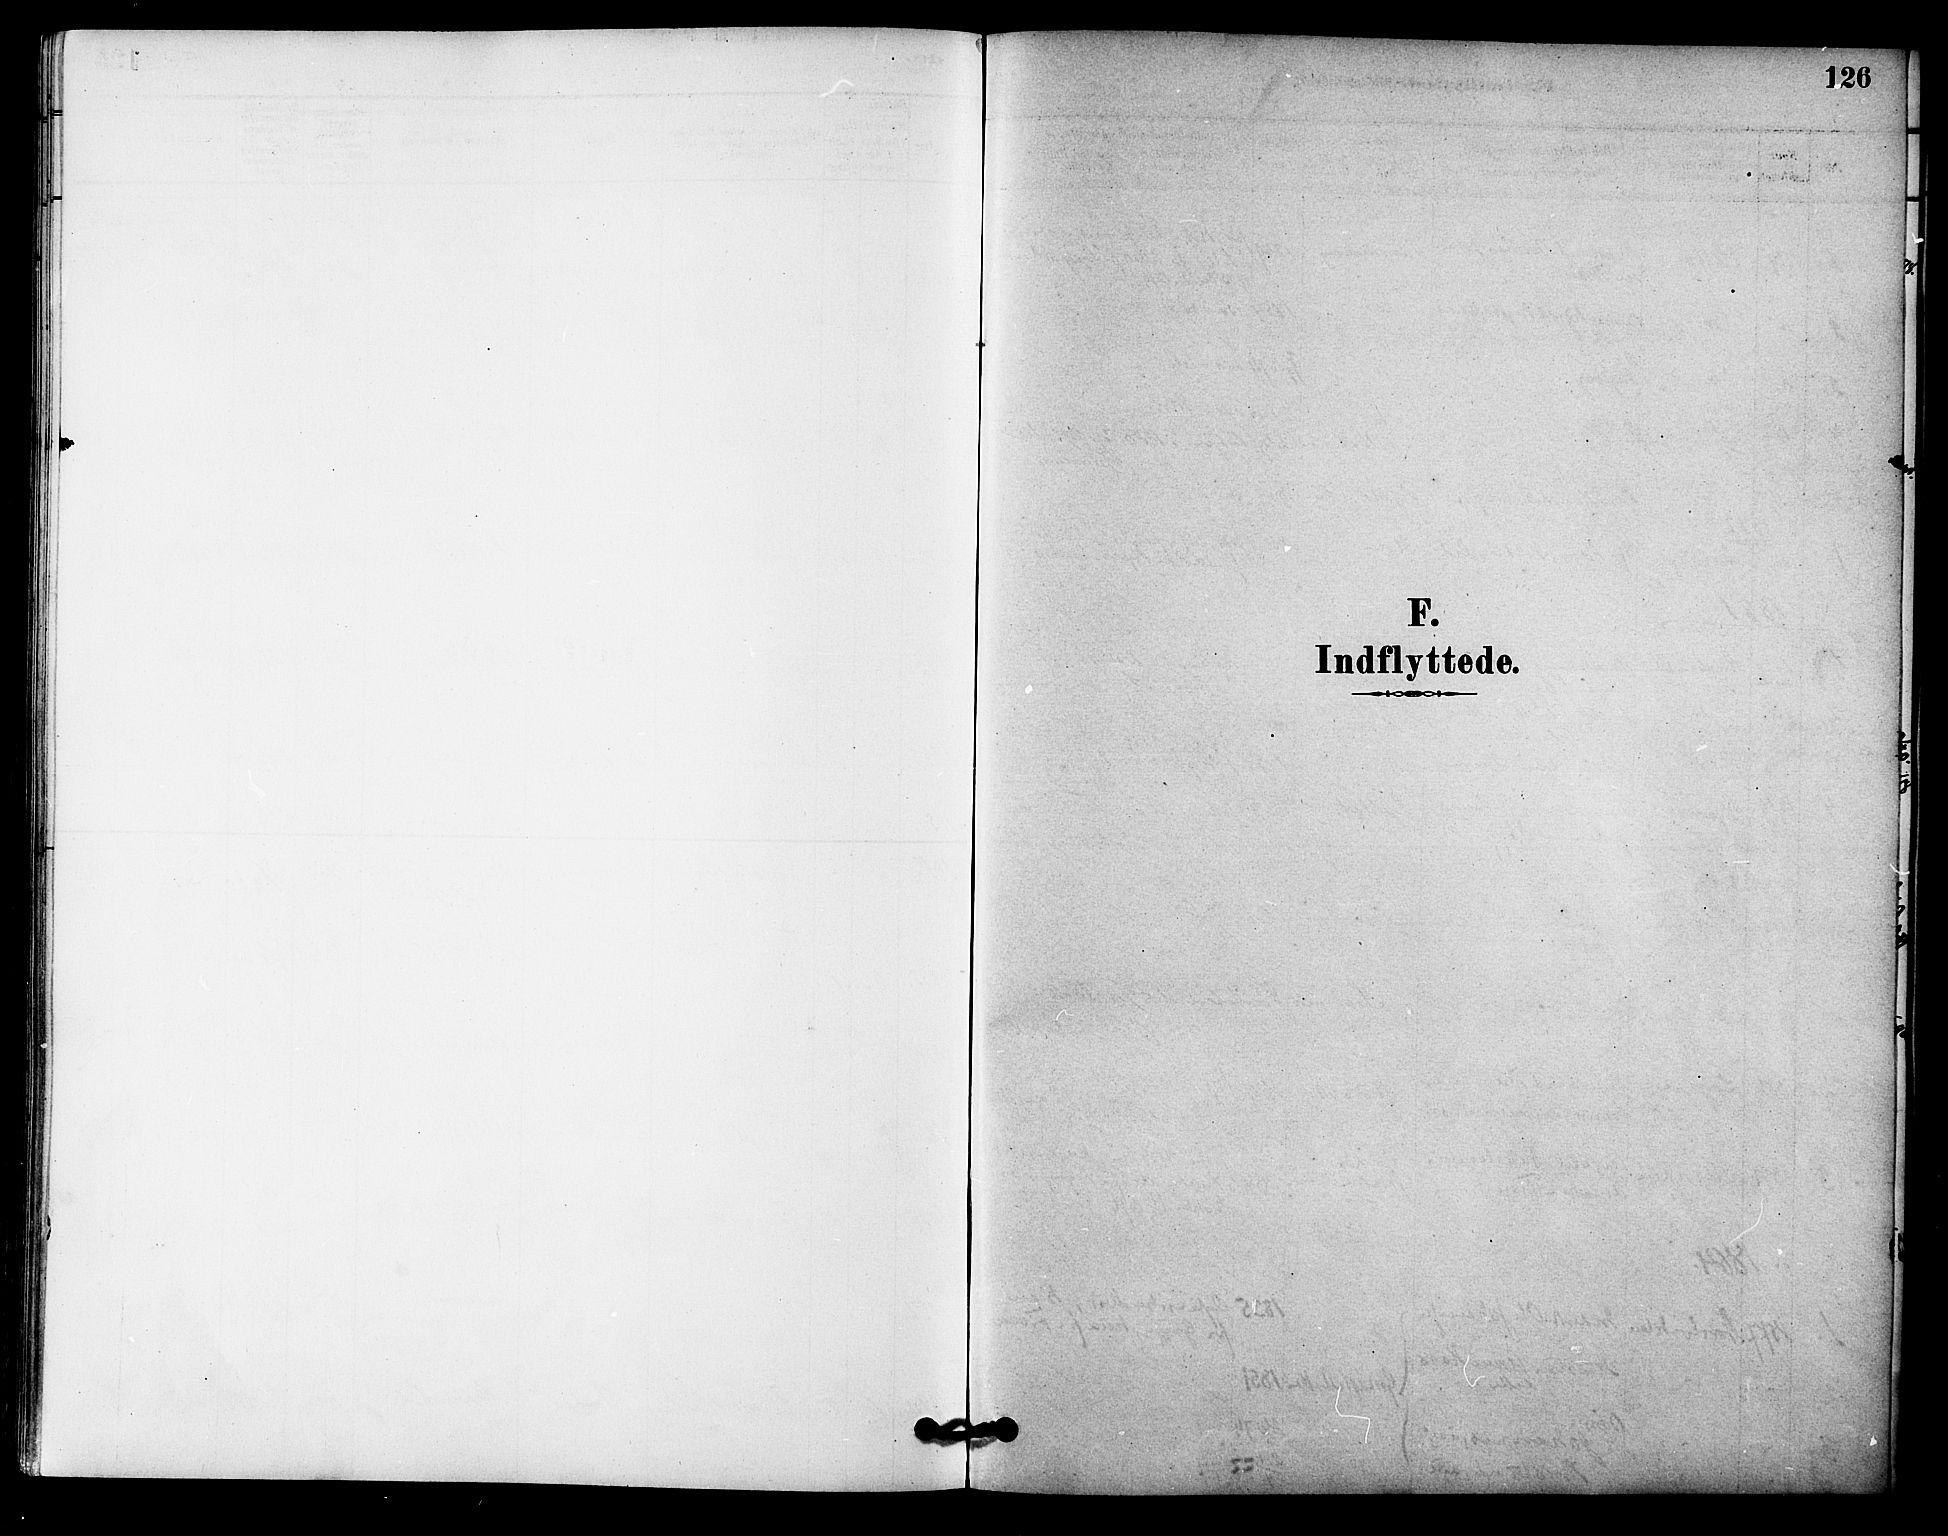 SAT, Ministerialprotokoller, klokkerbøker og fødselsregistre - Sør-Trøndelag, 618/L0444: Ministerialbok nr. 618A07, 1880-1898, s. 126